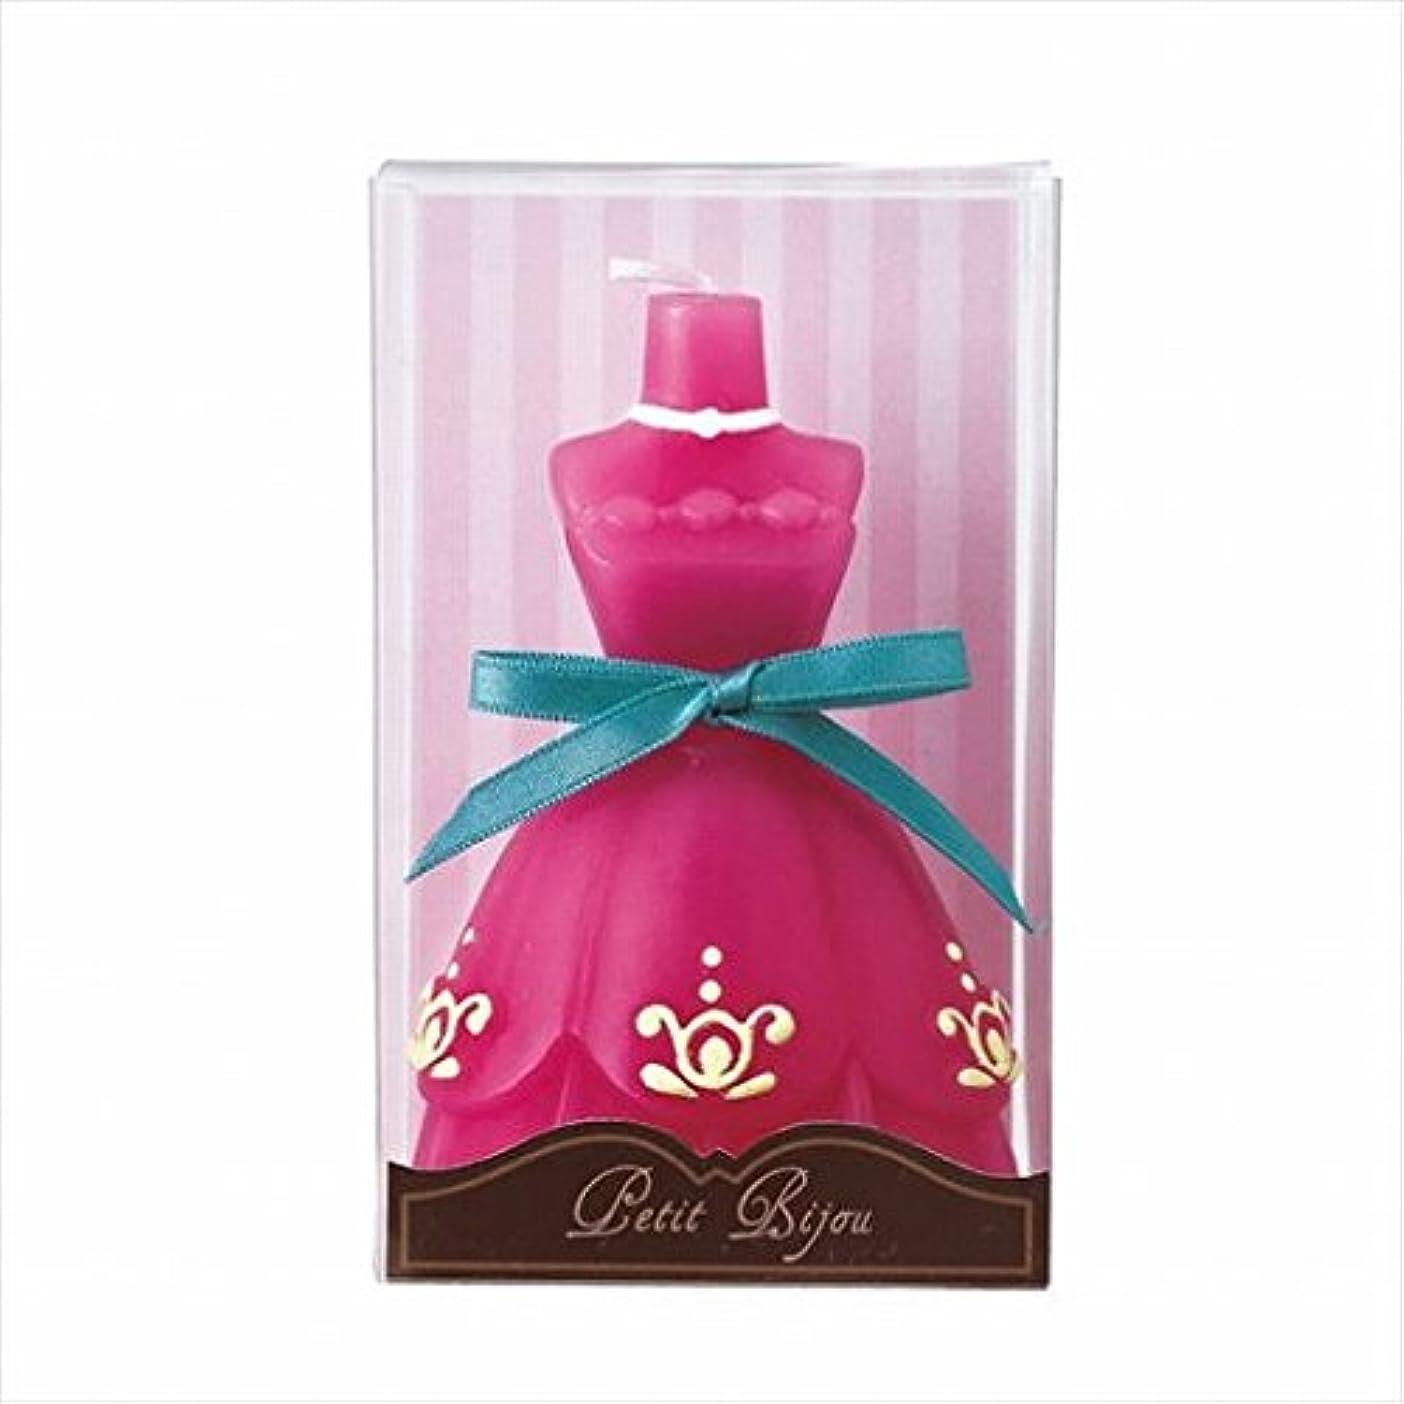 モザイク硬い食料品店カメヤマキャンドル(kameyama candle) ドレスキャンドル 「 ダークピンク 」